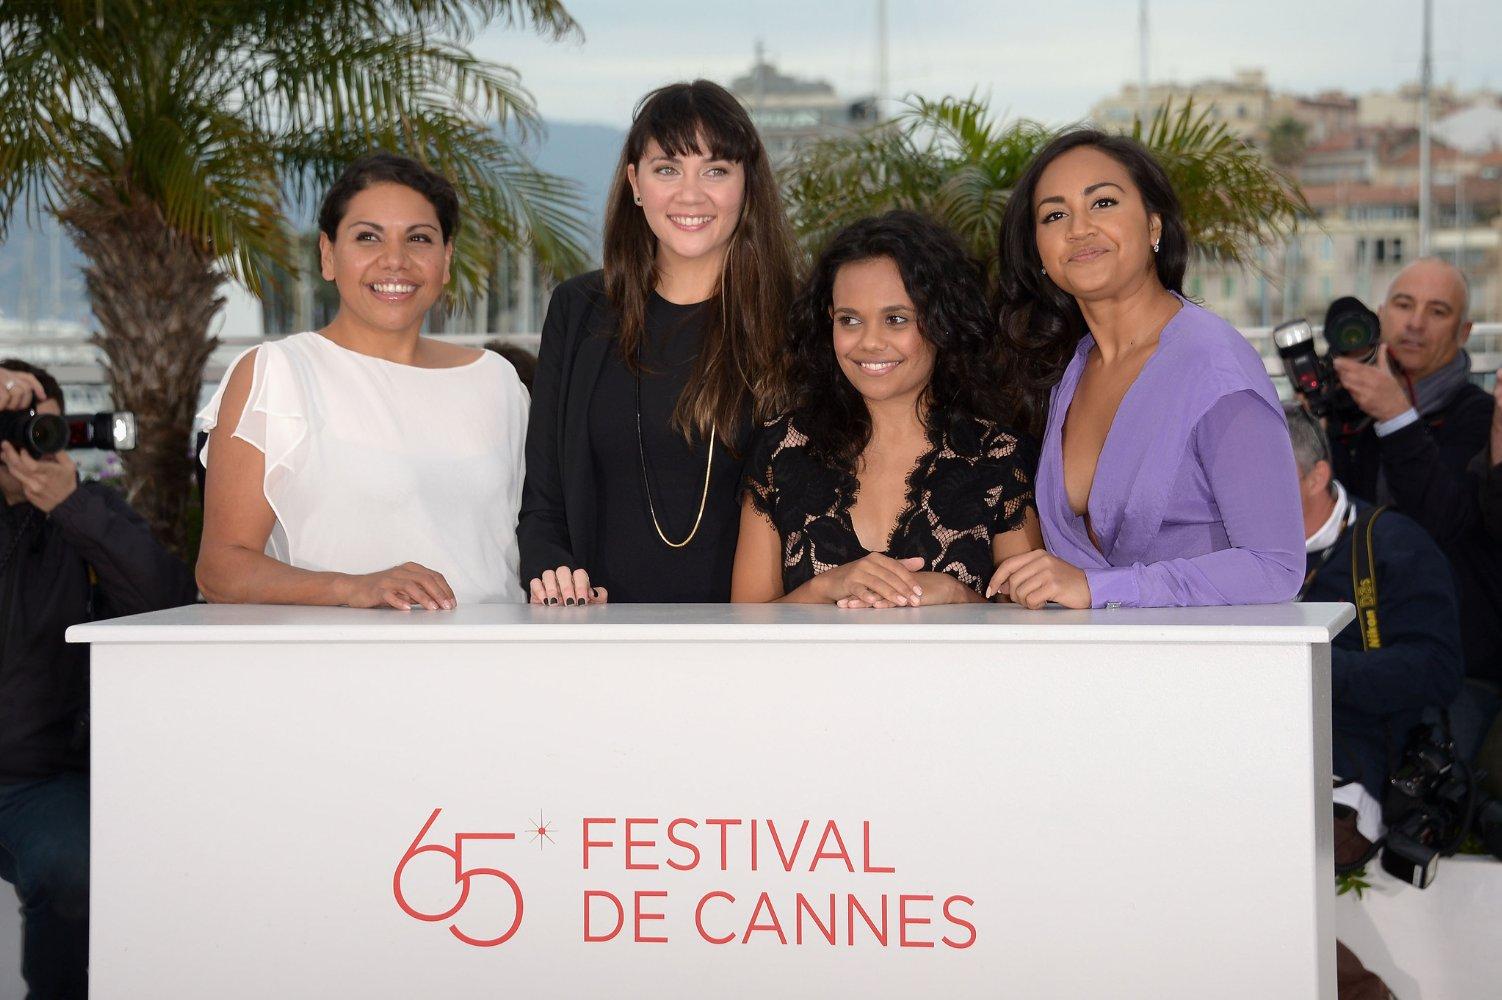 Danielle Evans,Saaphyri Windsor Adult pics & movies January LaVoy,Luisa Rivelli